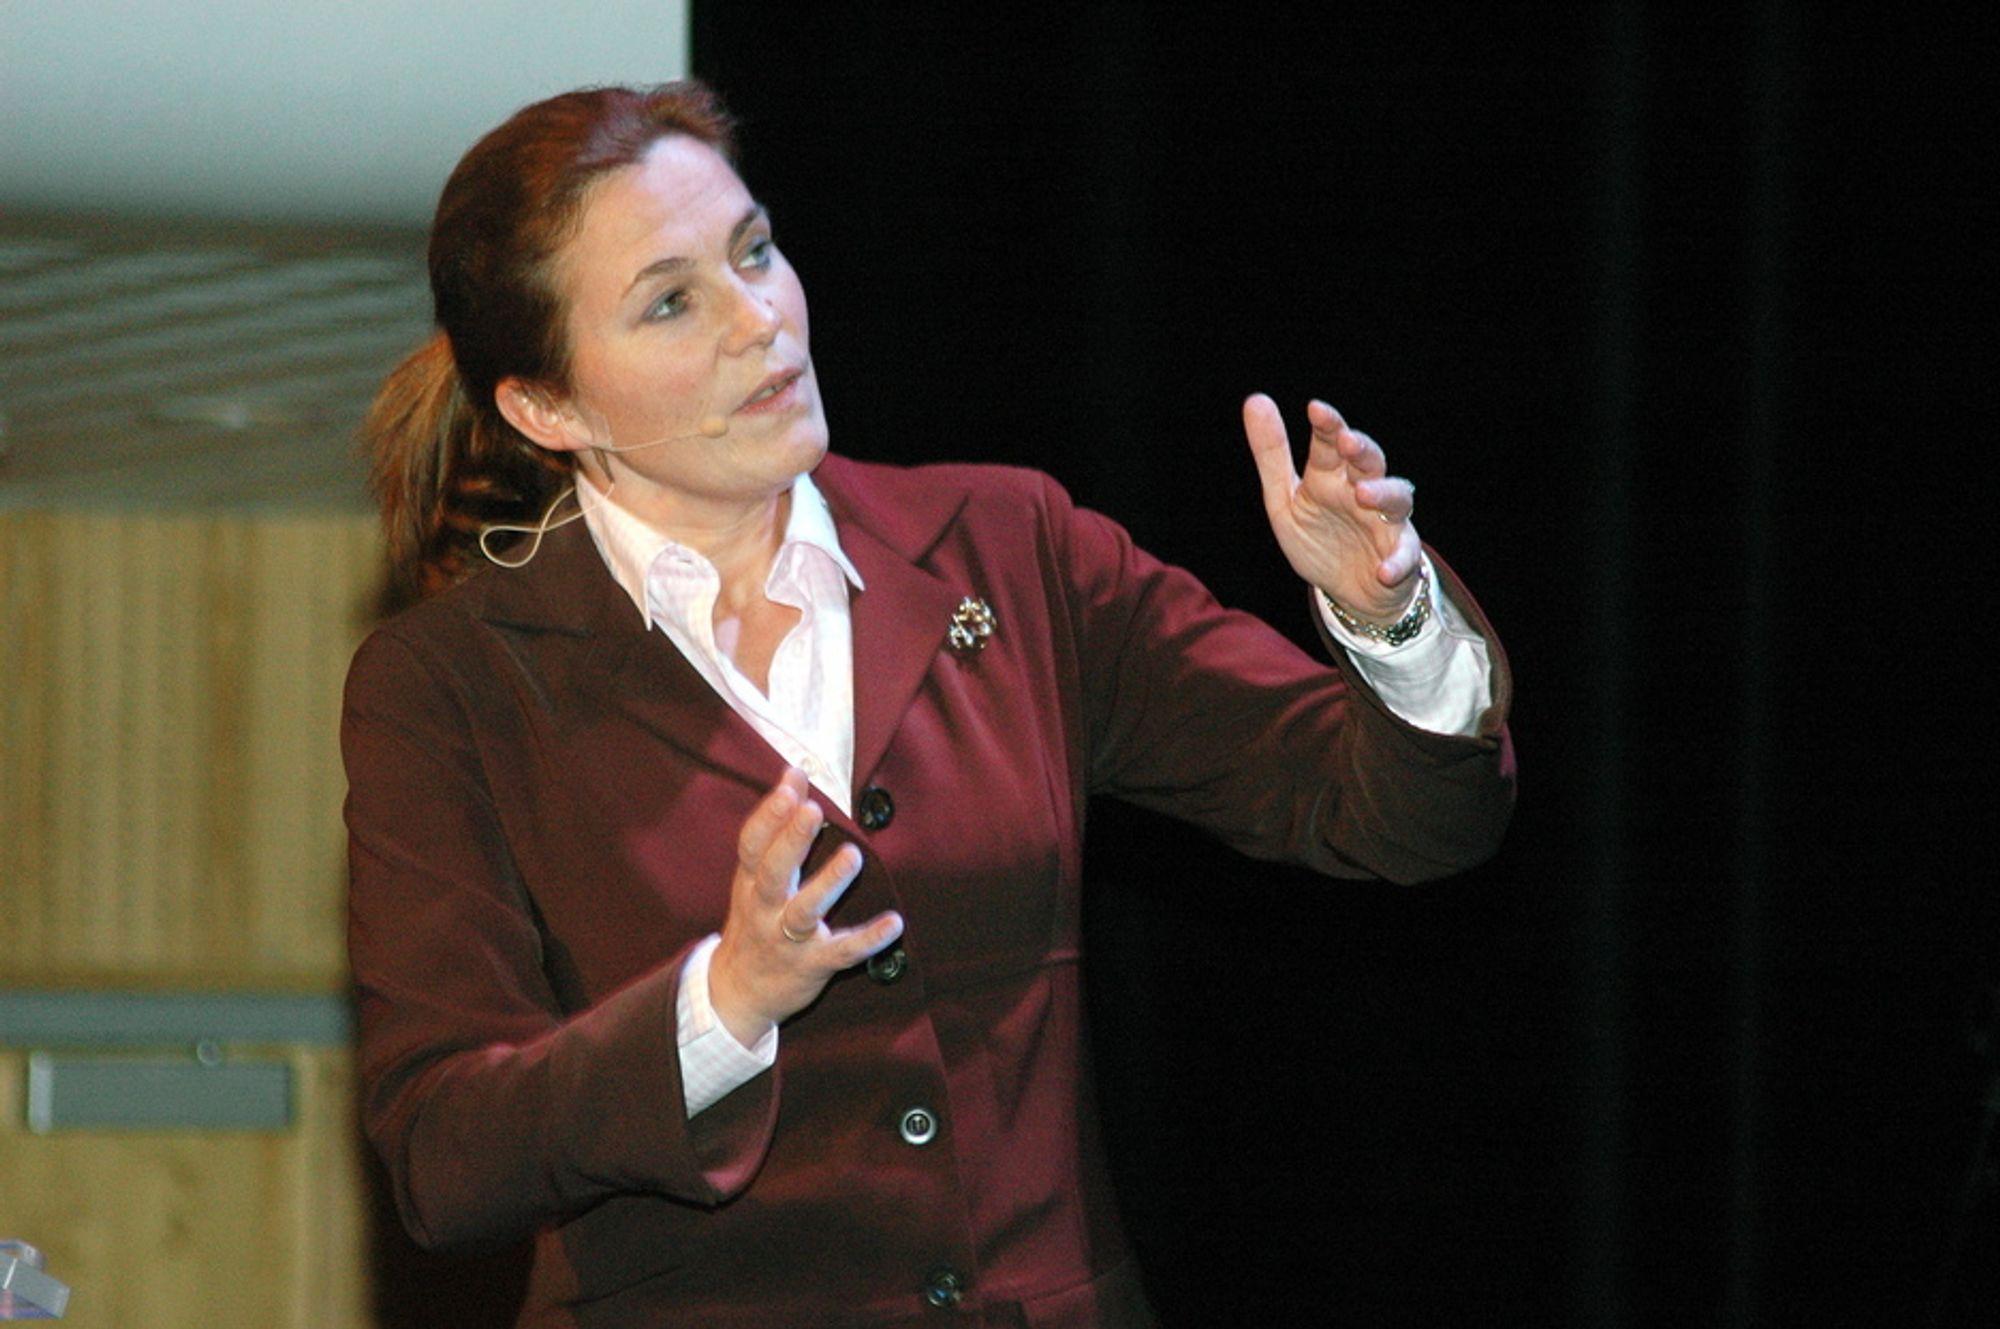 ALLTID ENGASJERT: Alexandra Bech Gjørv synes hun har fått en utfordrende oppgave med å lede området ny energi i Hydro. - Dette er spennende, sier hun